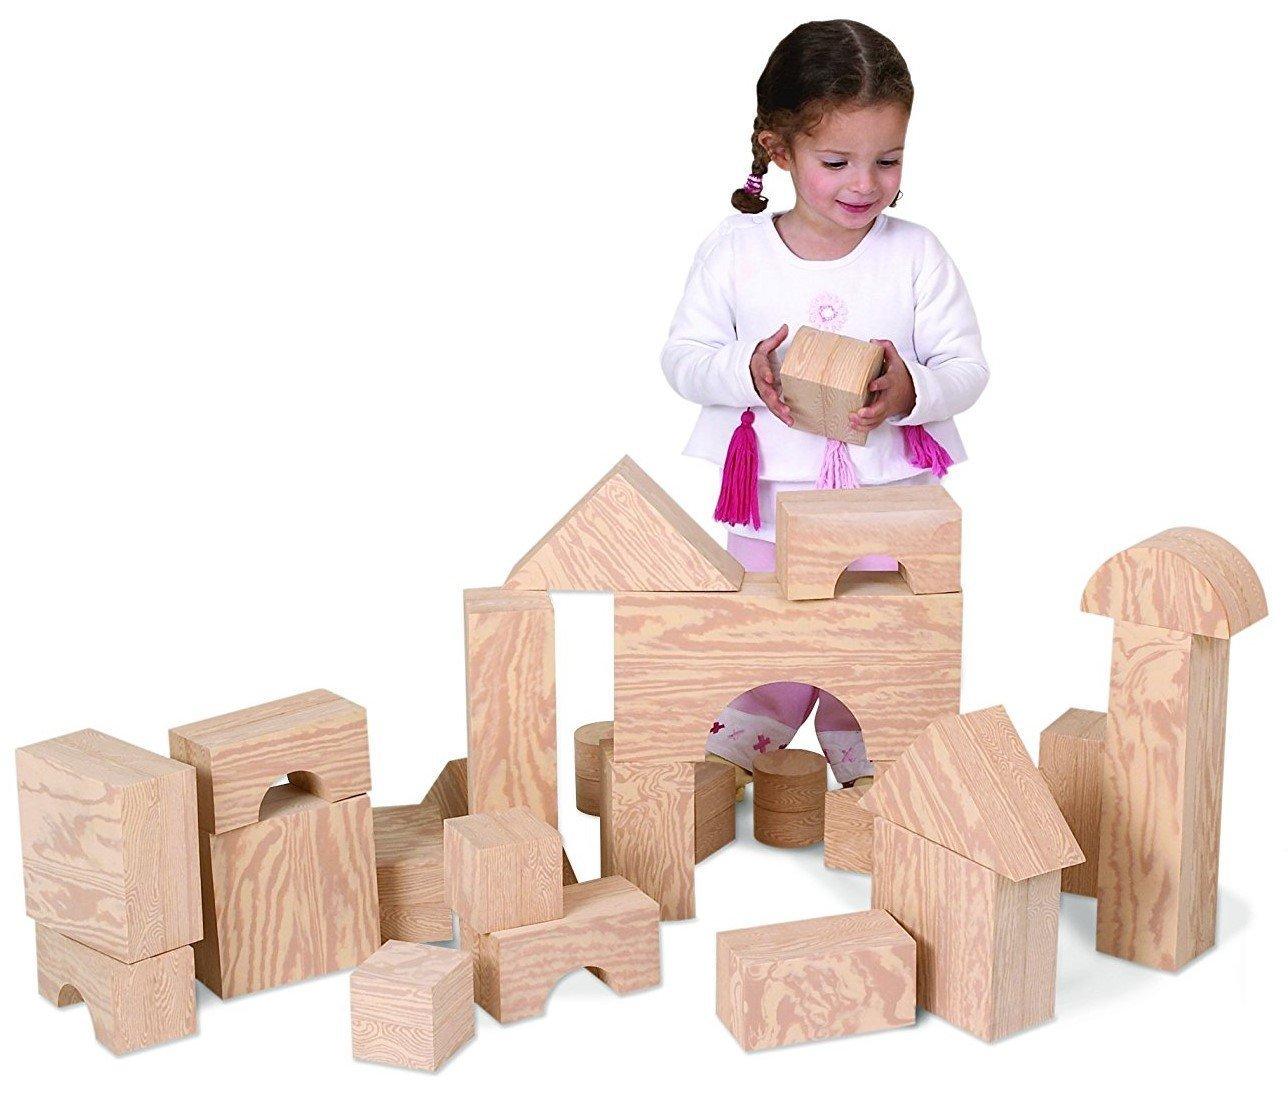 Edushape Big Wood-like Blocks, 32 Piece